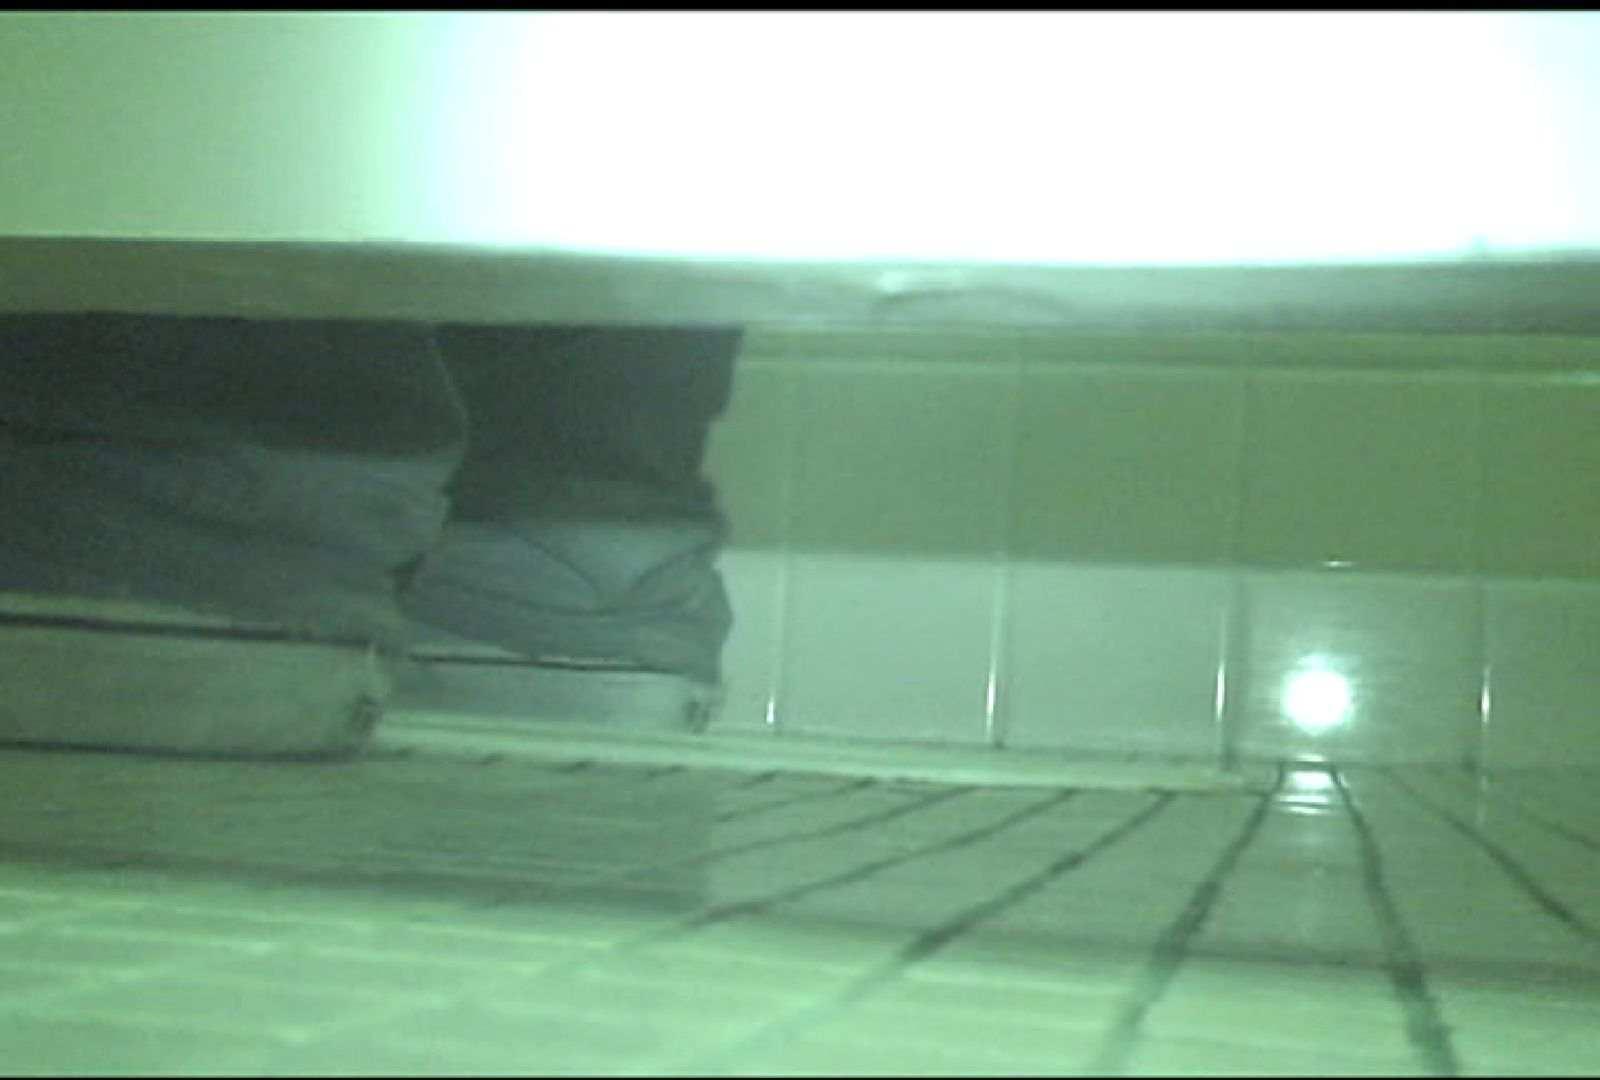 マンコ丸見え女子洗面所Vol.48 洗面所突入 オマンコ無修正動画無料 73pic 58